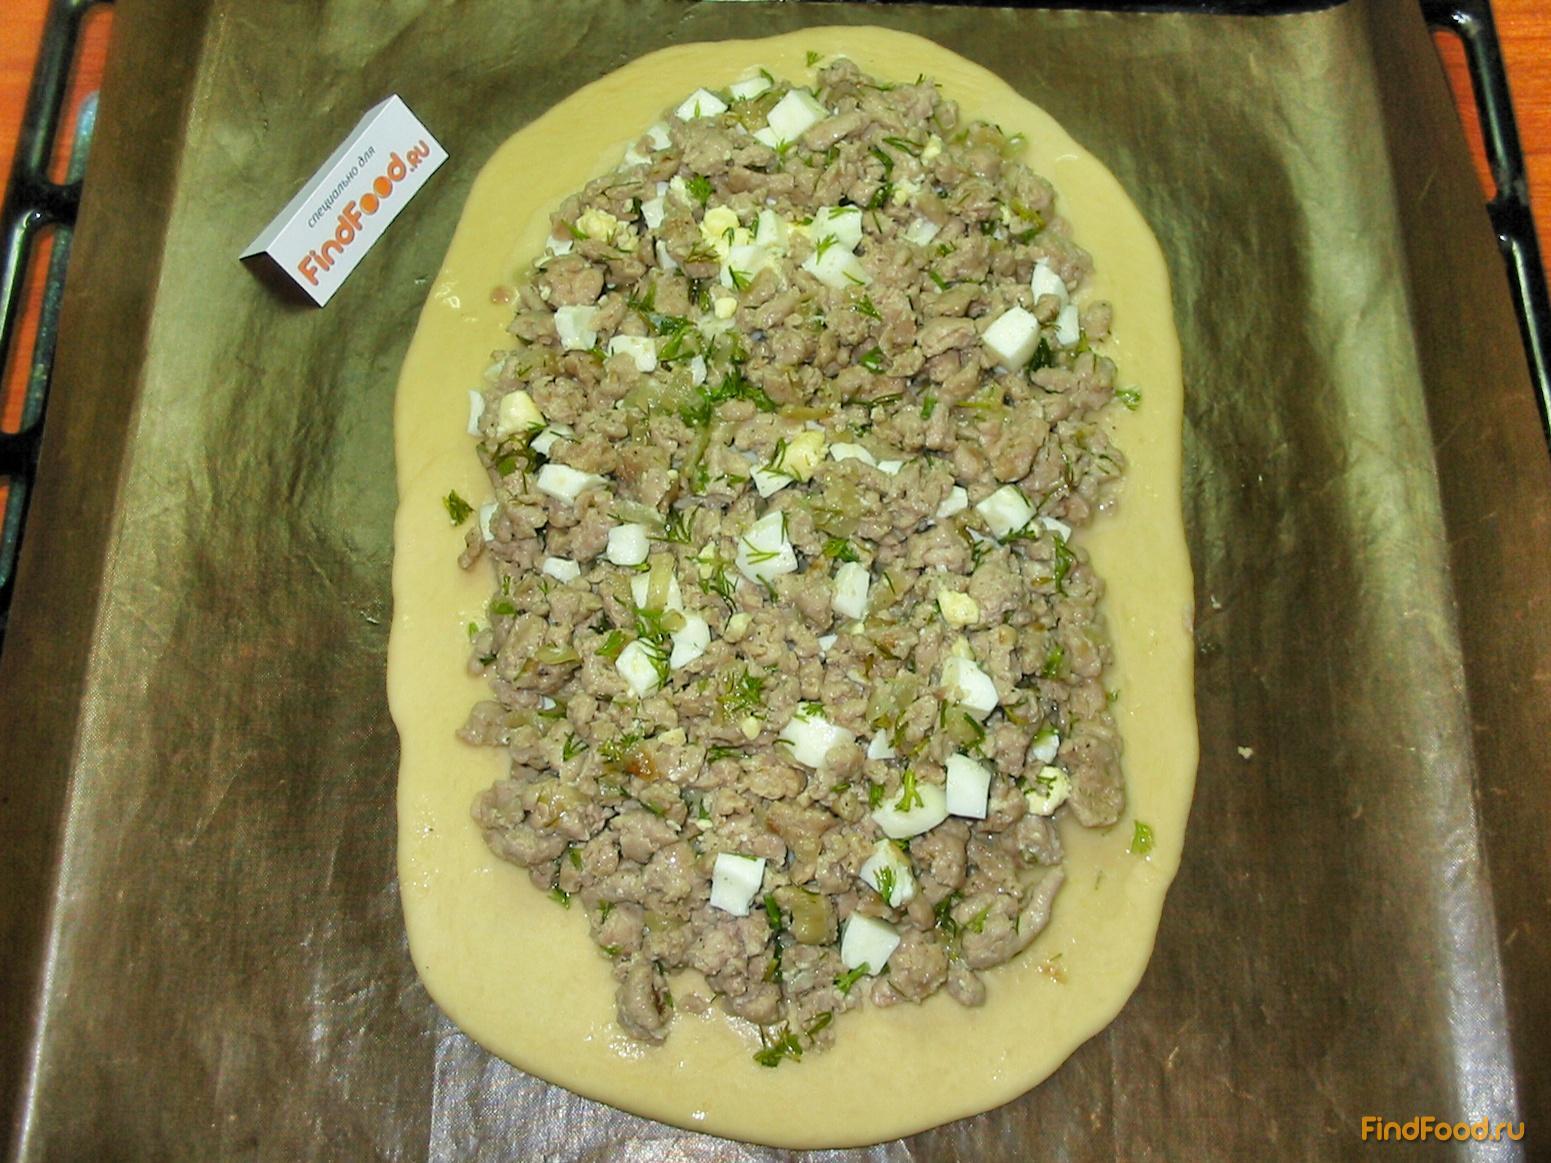 Пироги с картошкой и с мясом рецепт 178